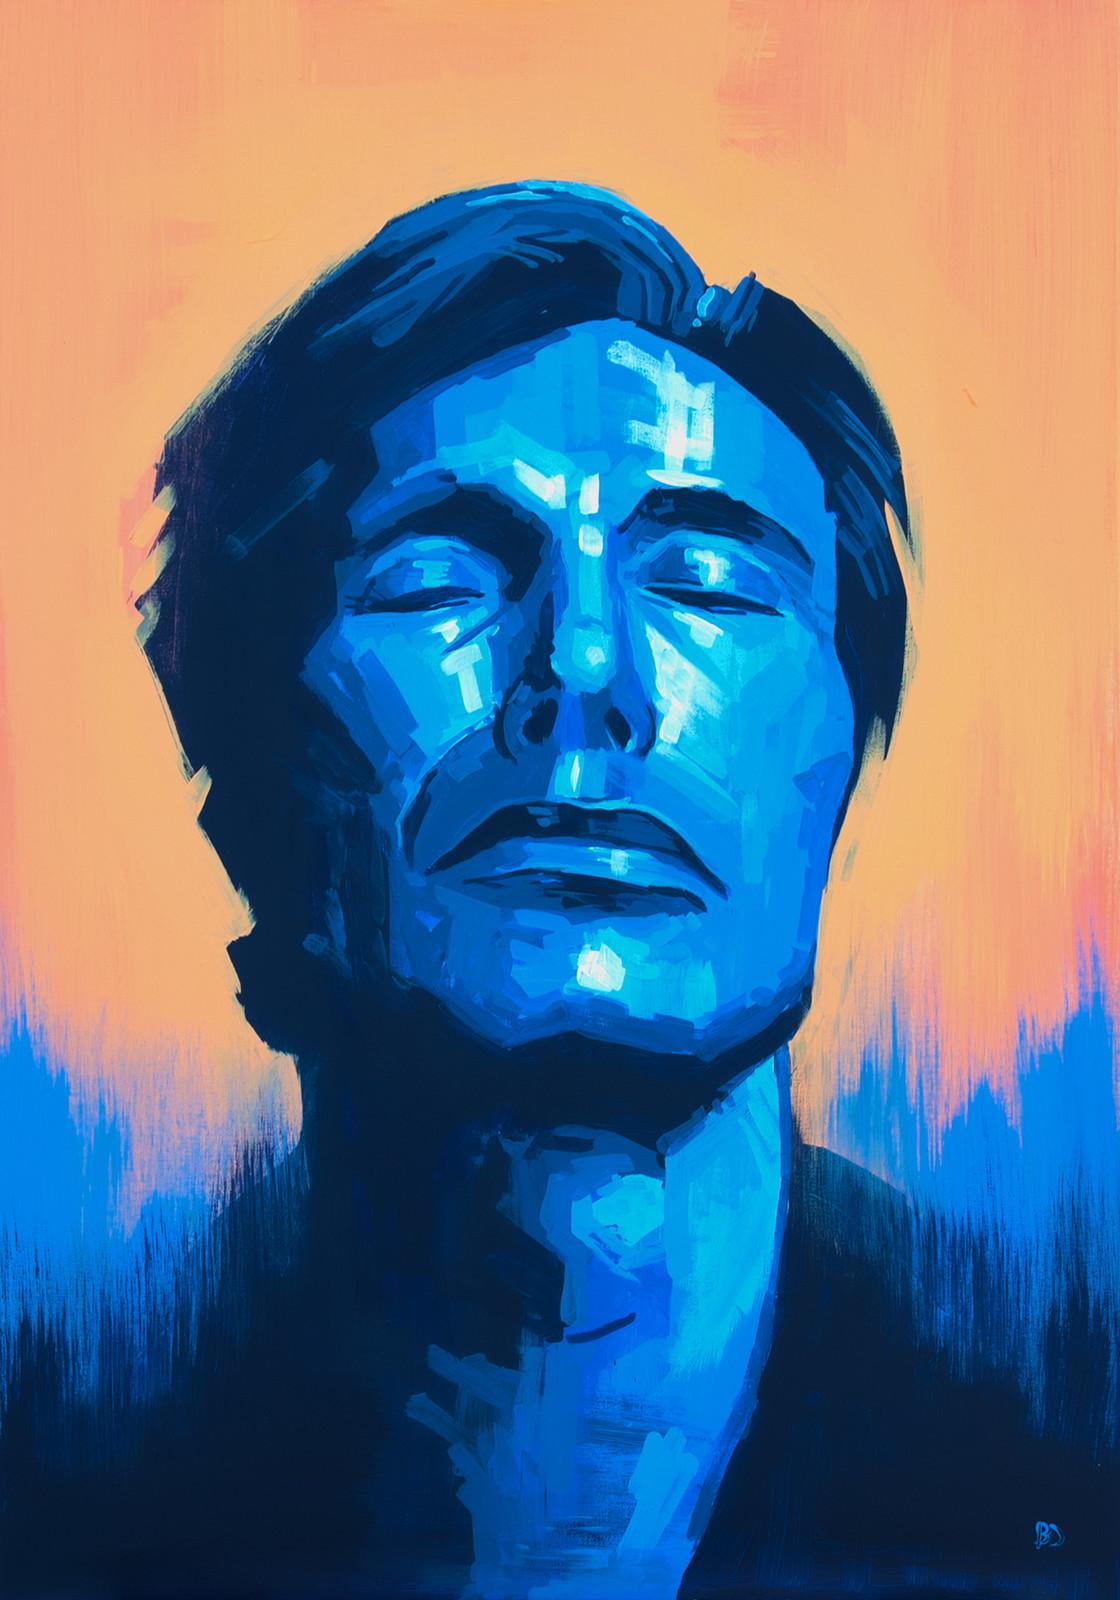 Daydream, Amnesiac Acrylic on canvas (70 x 100cm)